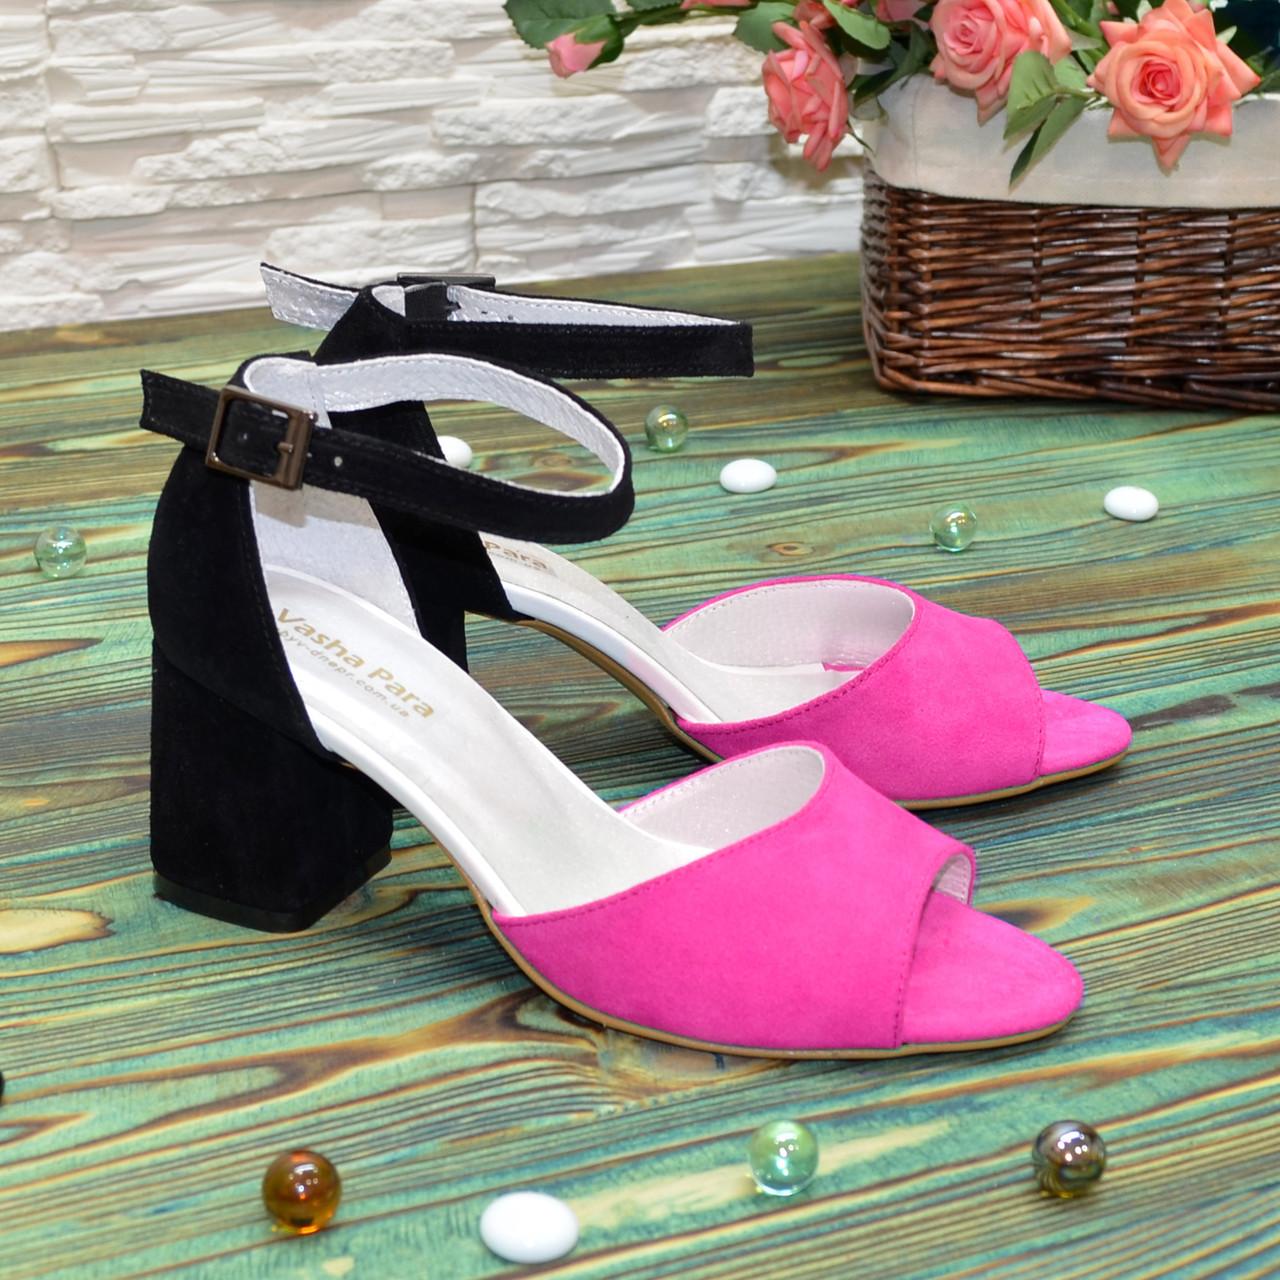 Босоножки замшевые женские на устойчивом каблуке, цвет фуксия/черный